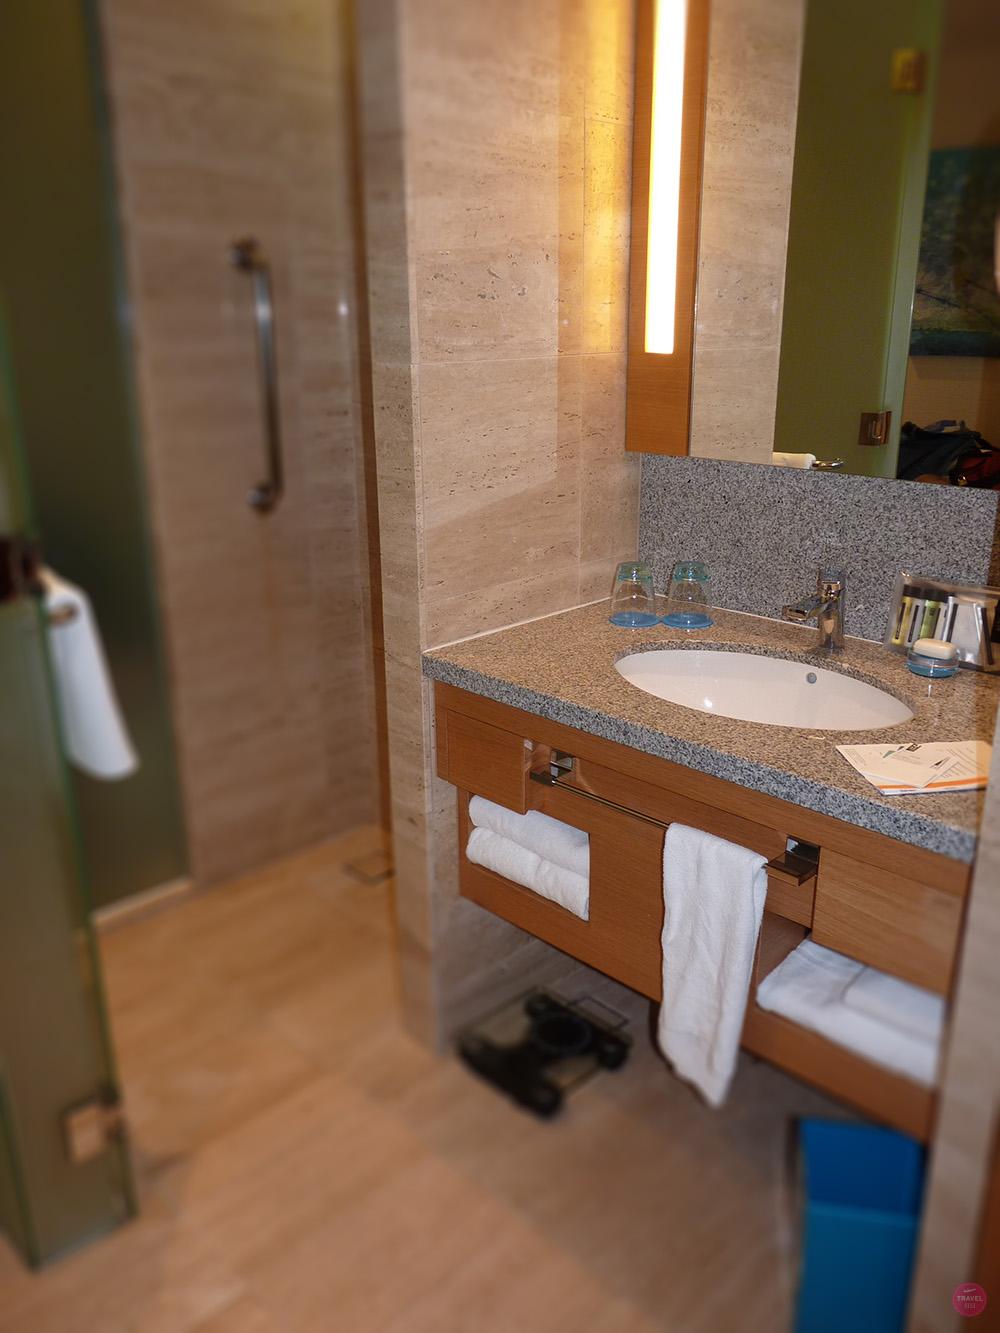 Hotel Jen Orchardgateway Singapur Badezimmer